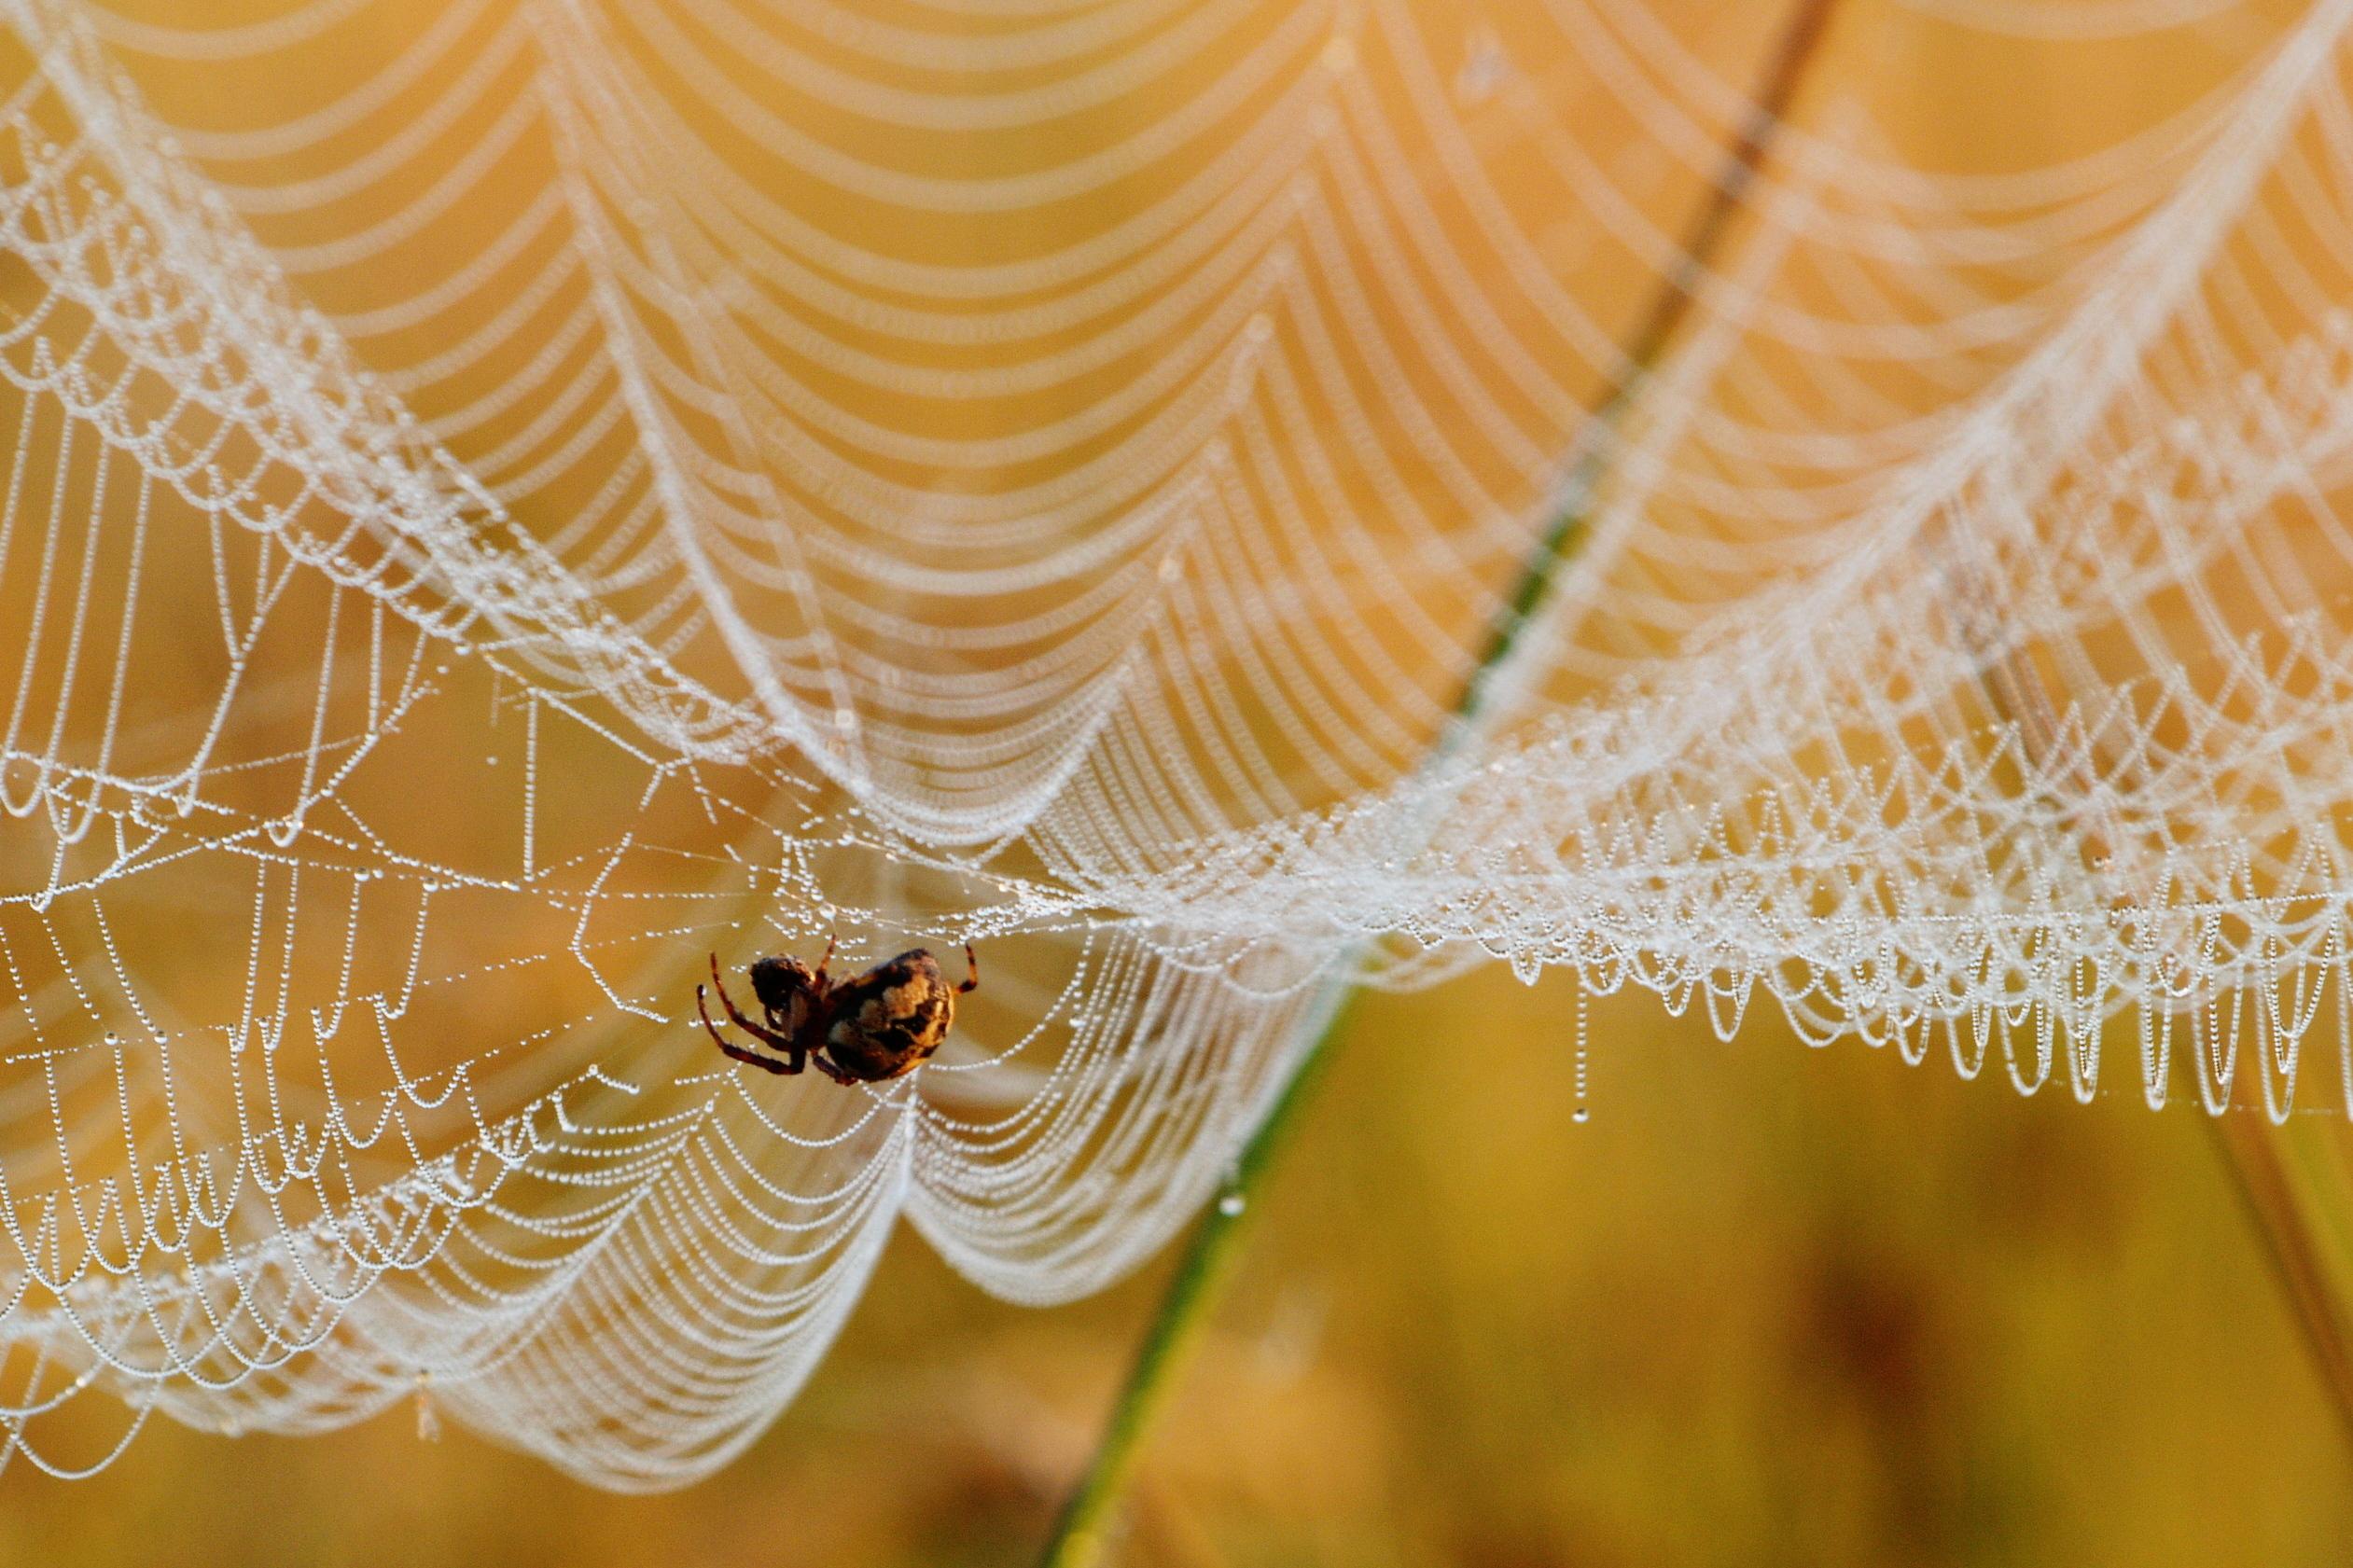 красивые фото пауков в паутине характеру особенностям поведения